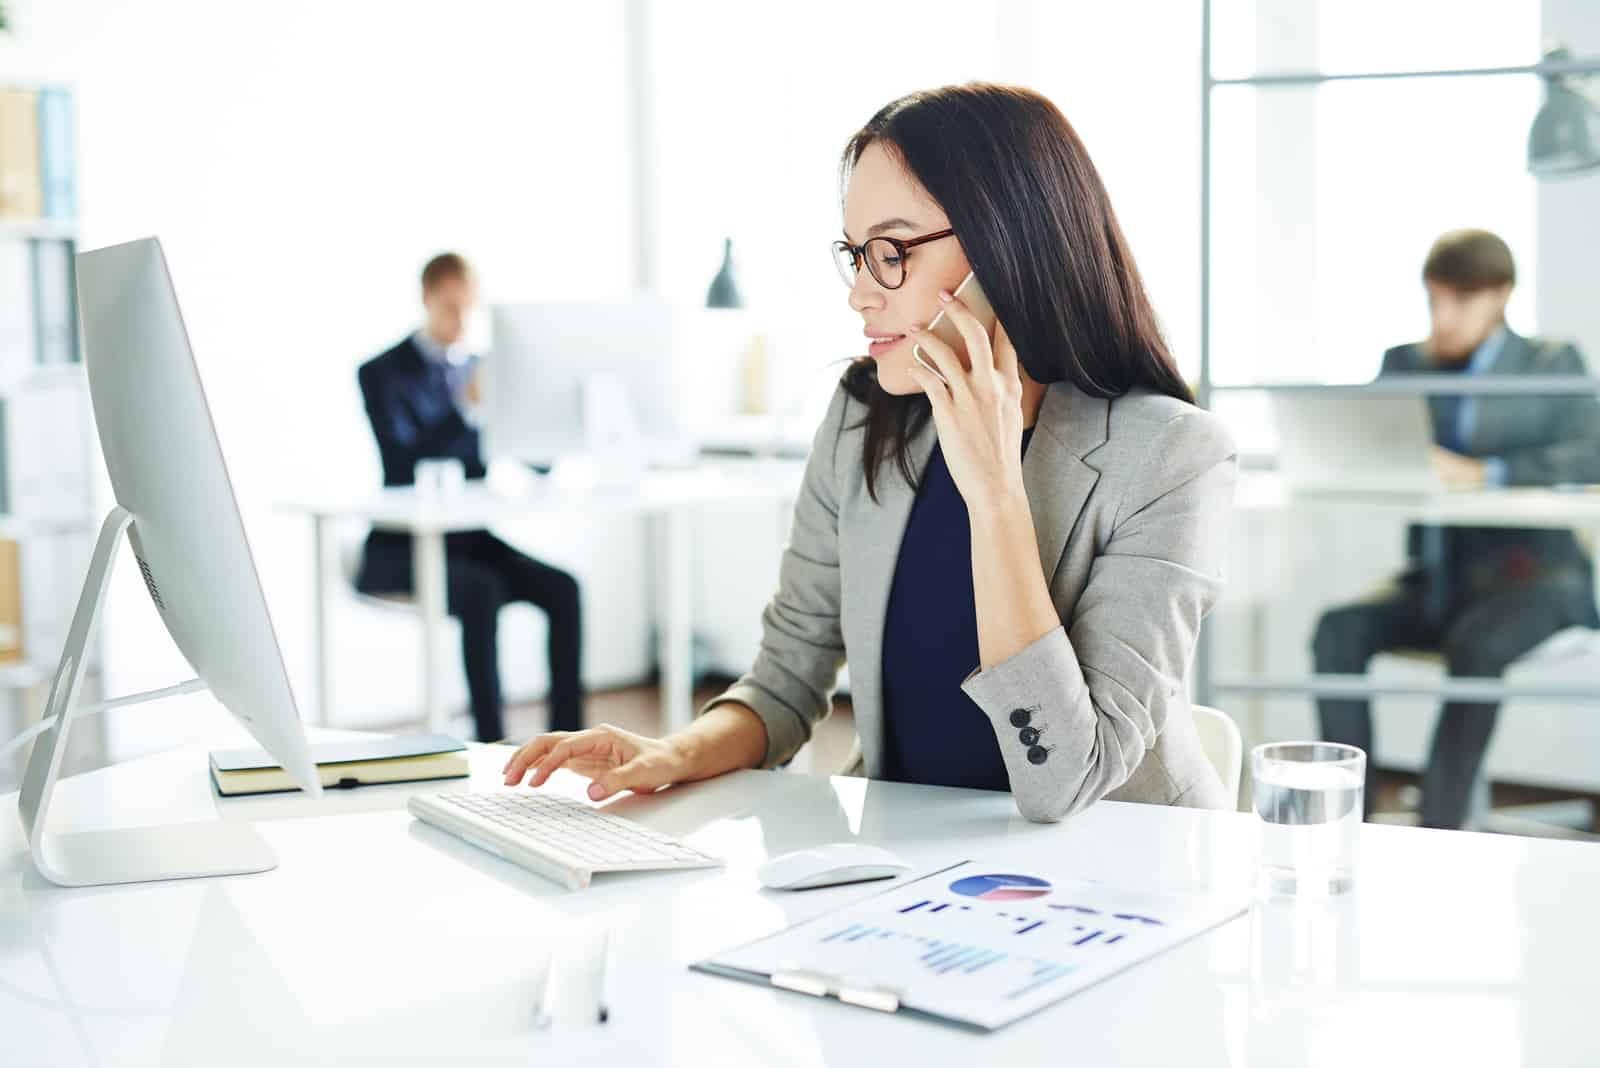 upptagen kvinna som sitter vid skrivbordet och pratar i sin telefon